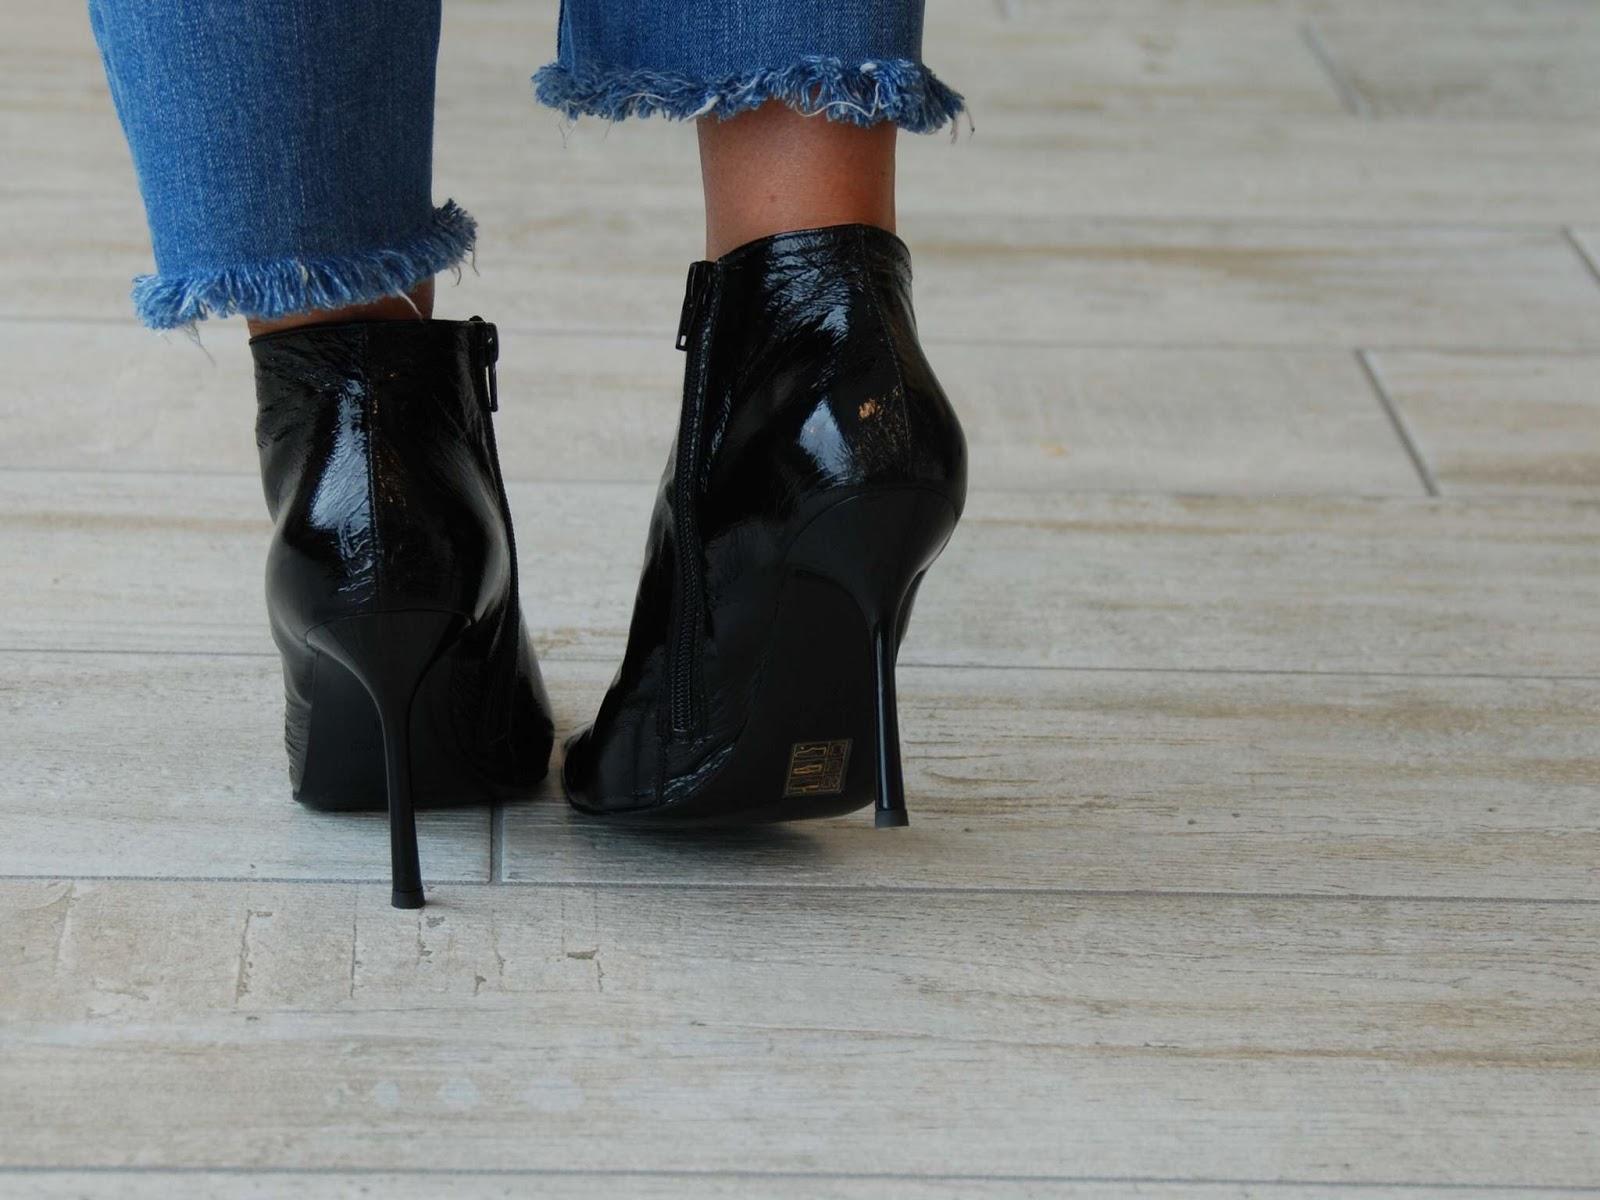 Eniwhere Fashion - 23 Calzature - Flero - Giampaolo Viozzi